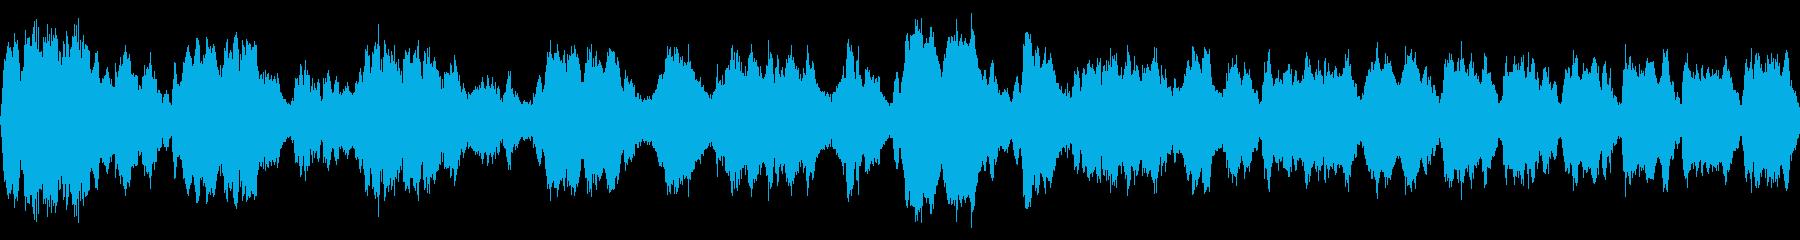 チャイコフスキー ドラマチック ループの再生済みの波形